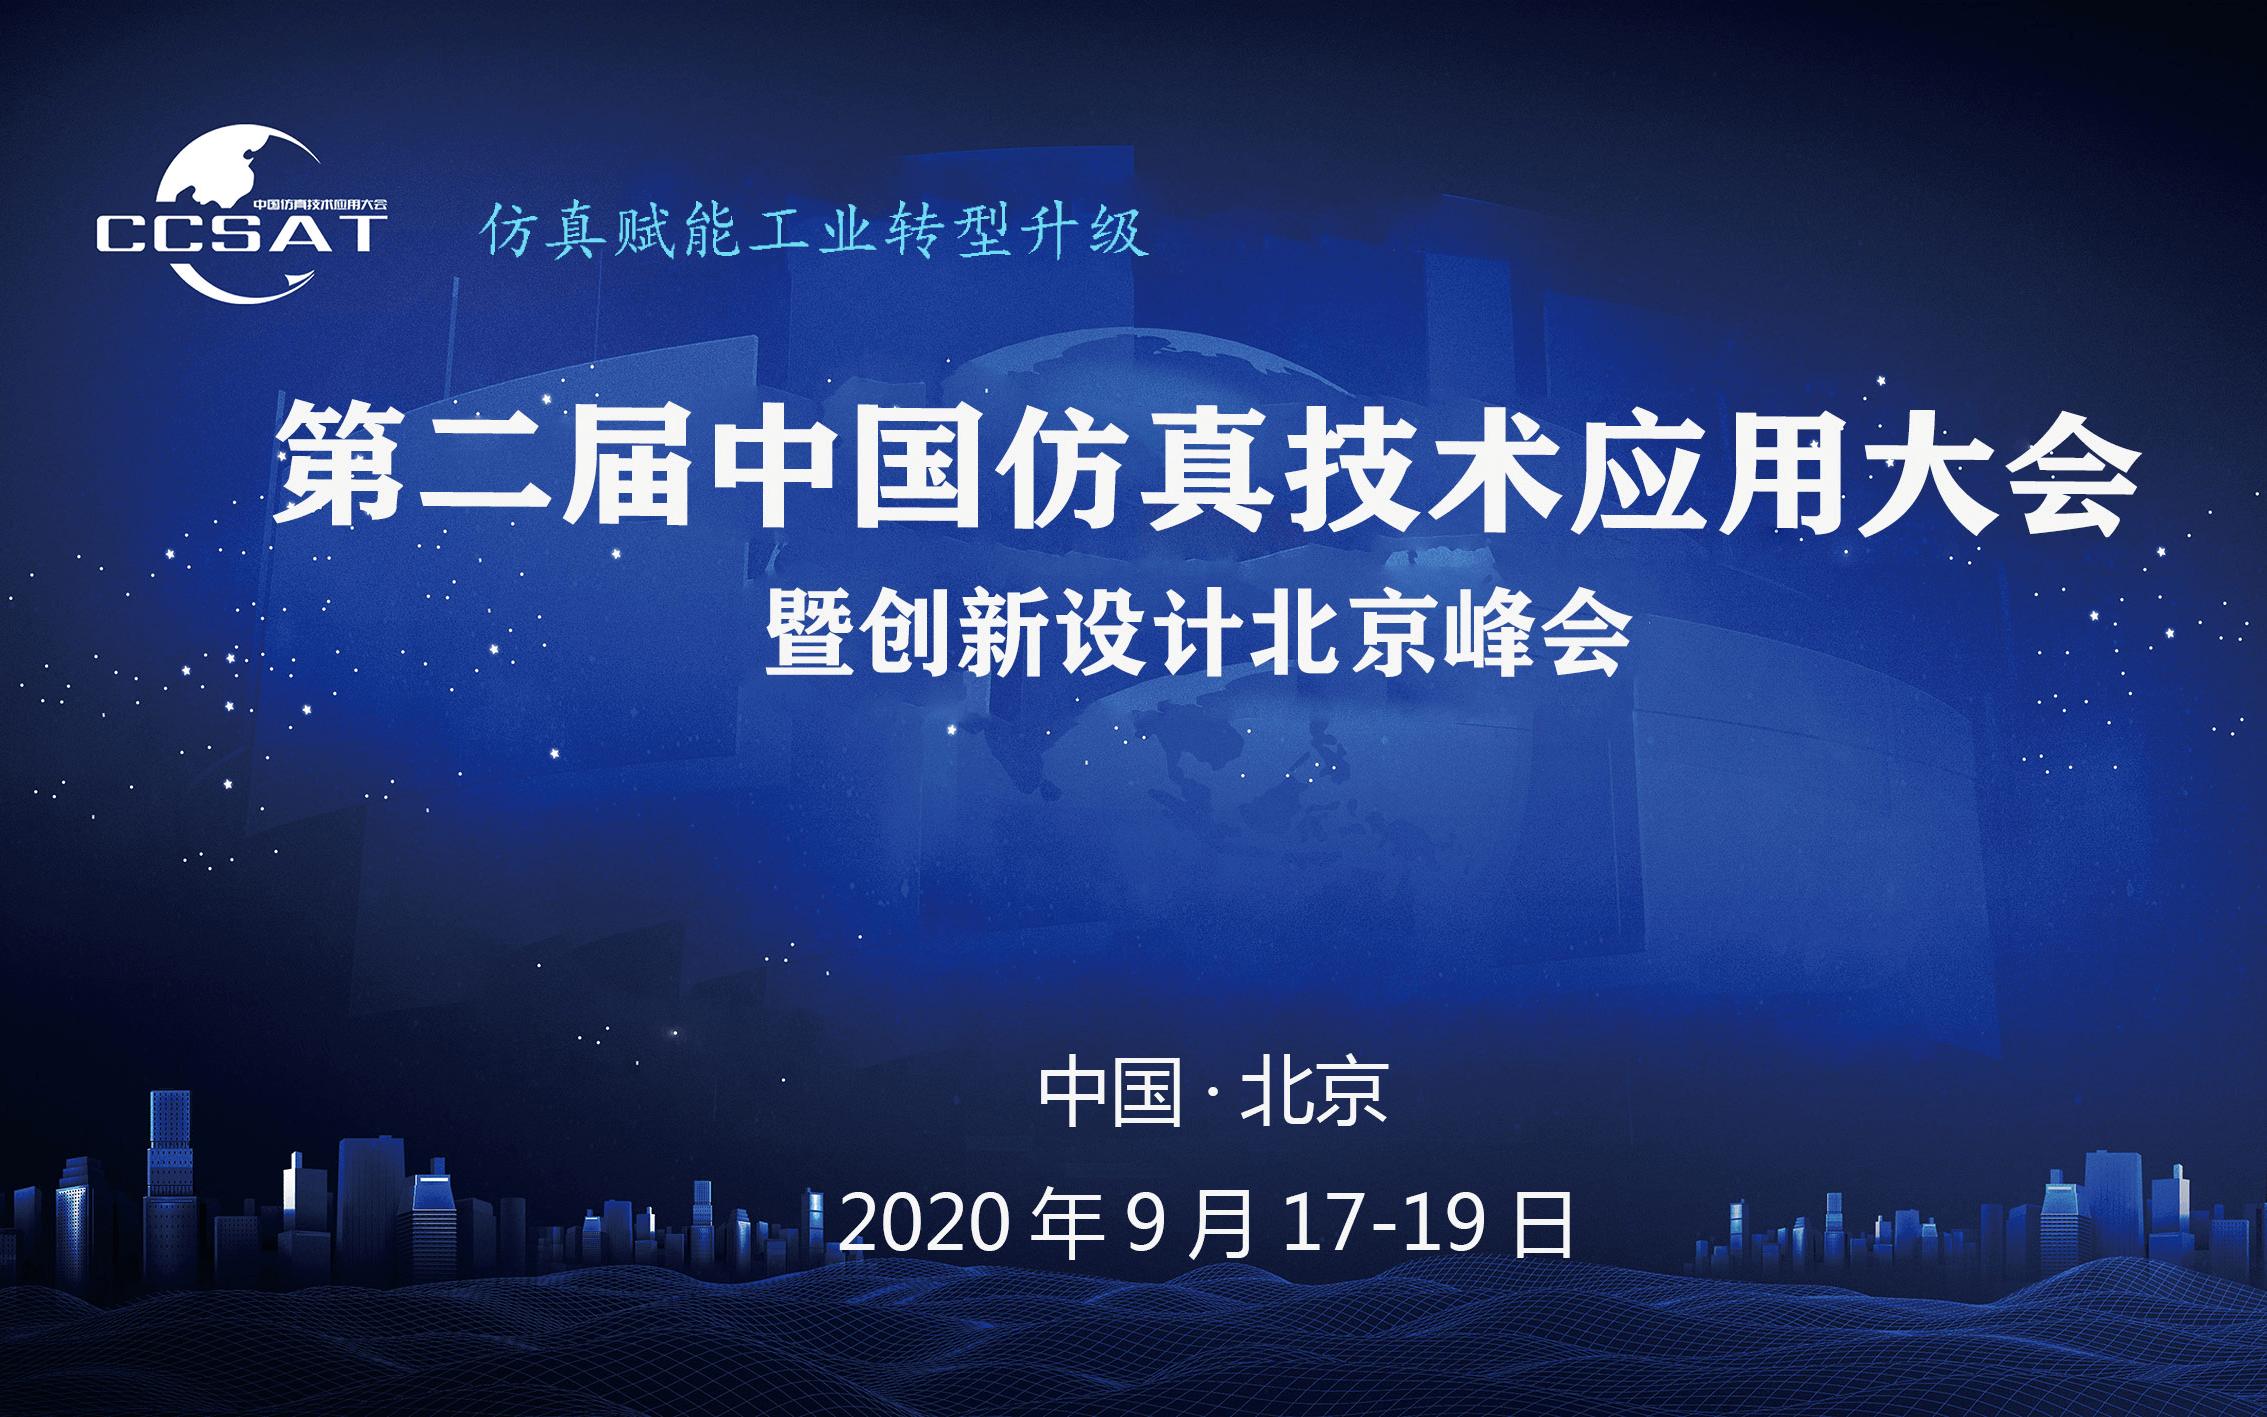 ?CCSAT2020第二屆中國仿真技術應用大會 暨創新設計北京峰會